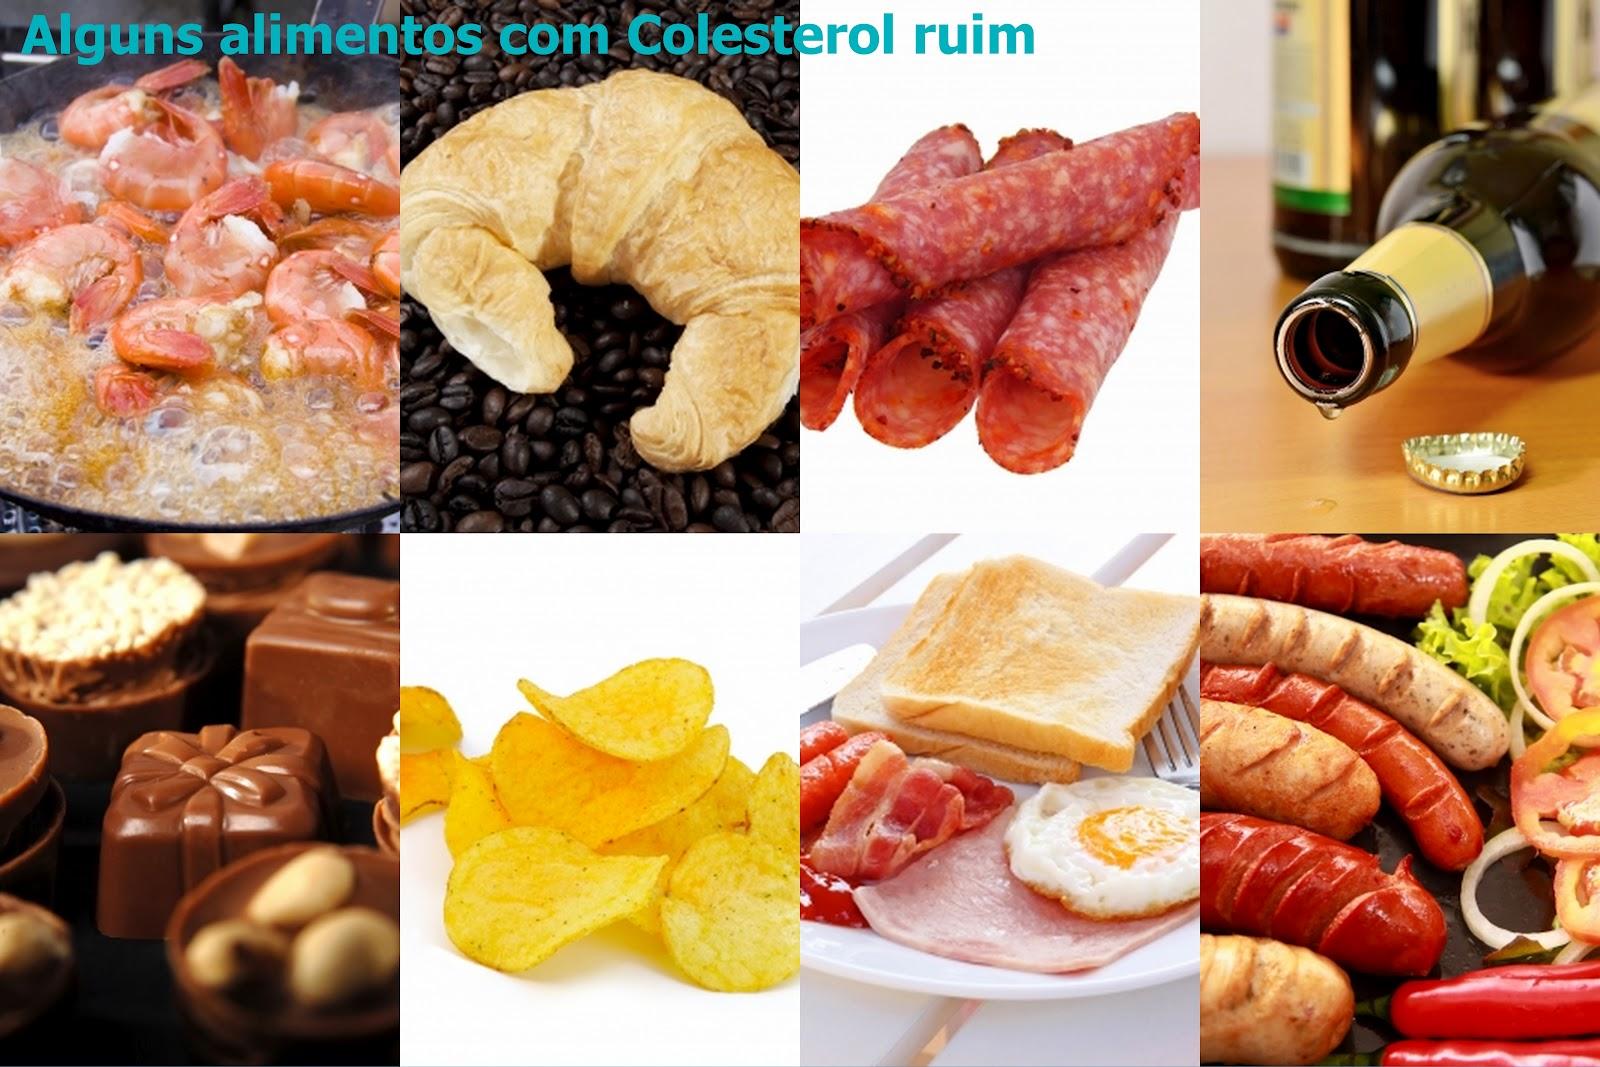 Bujin do kan o que o colesterol - Alimentos q producen colesterol ...